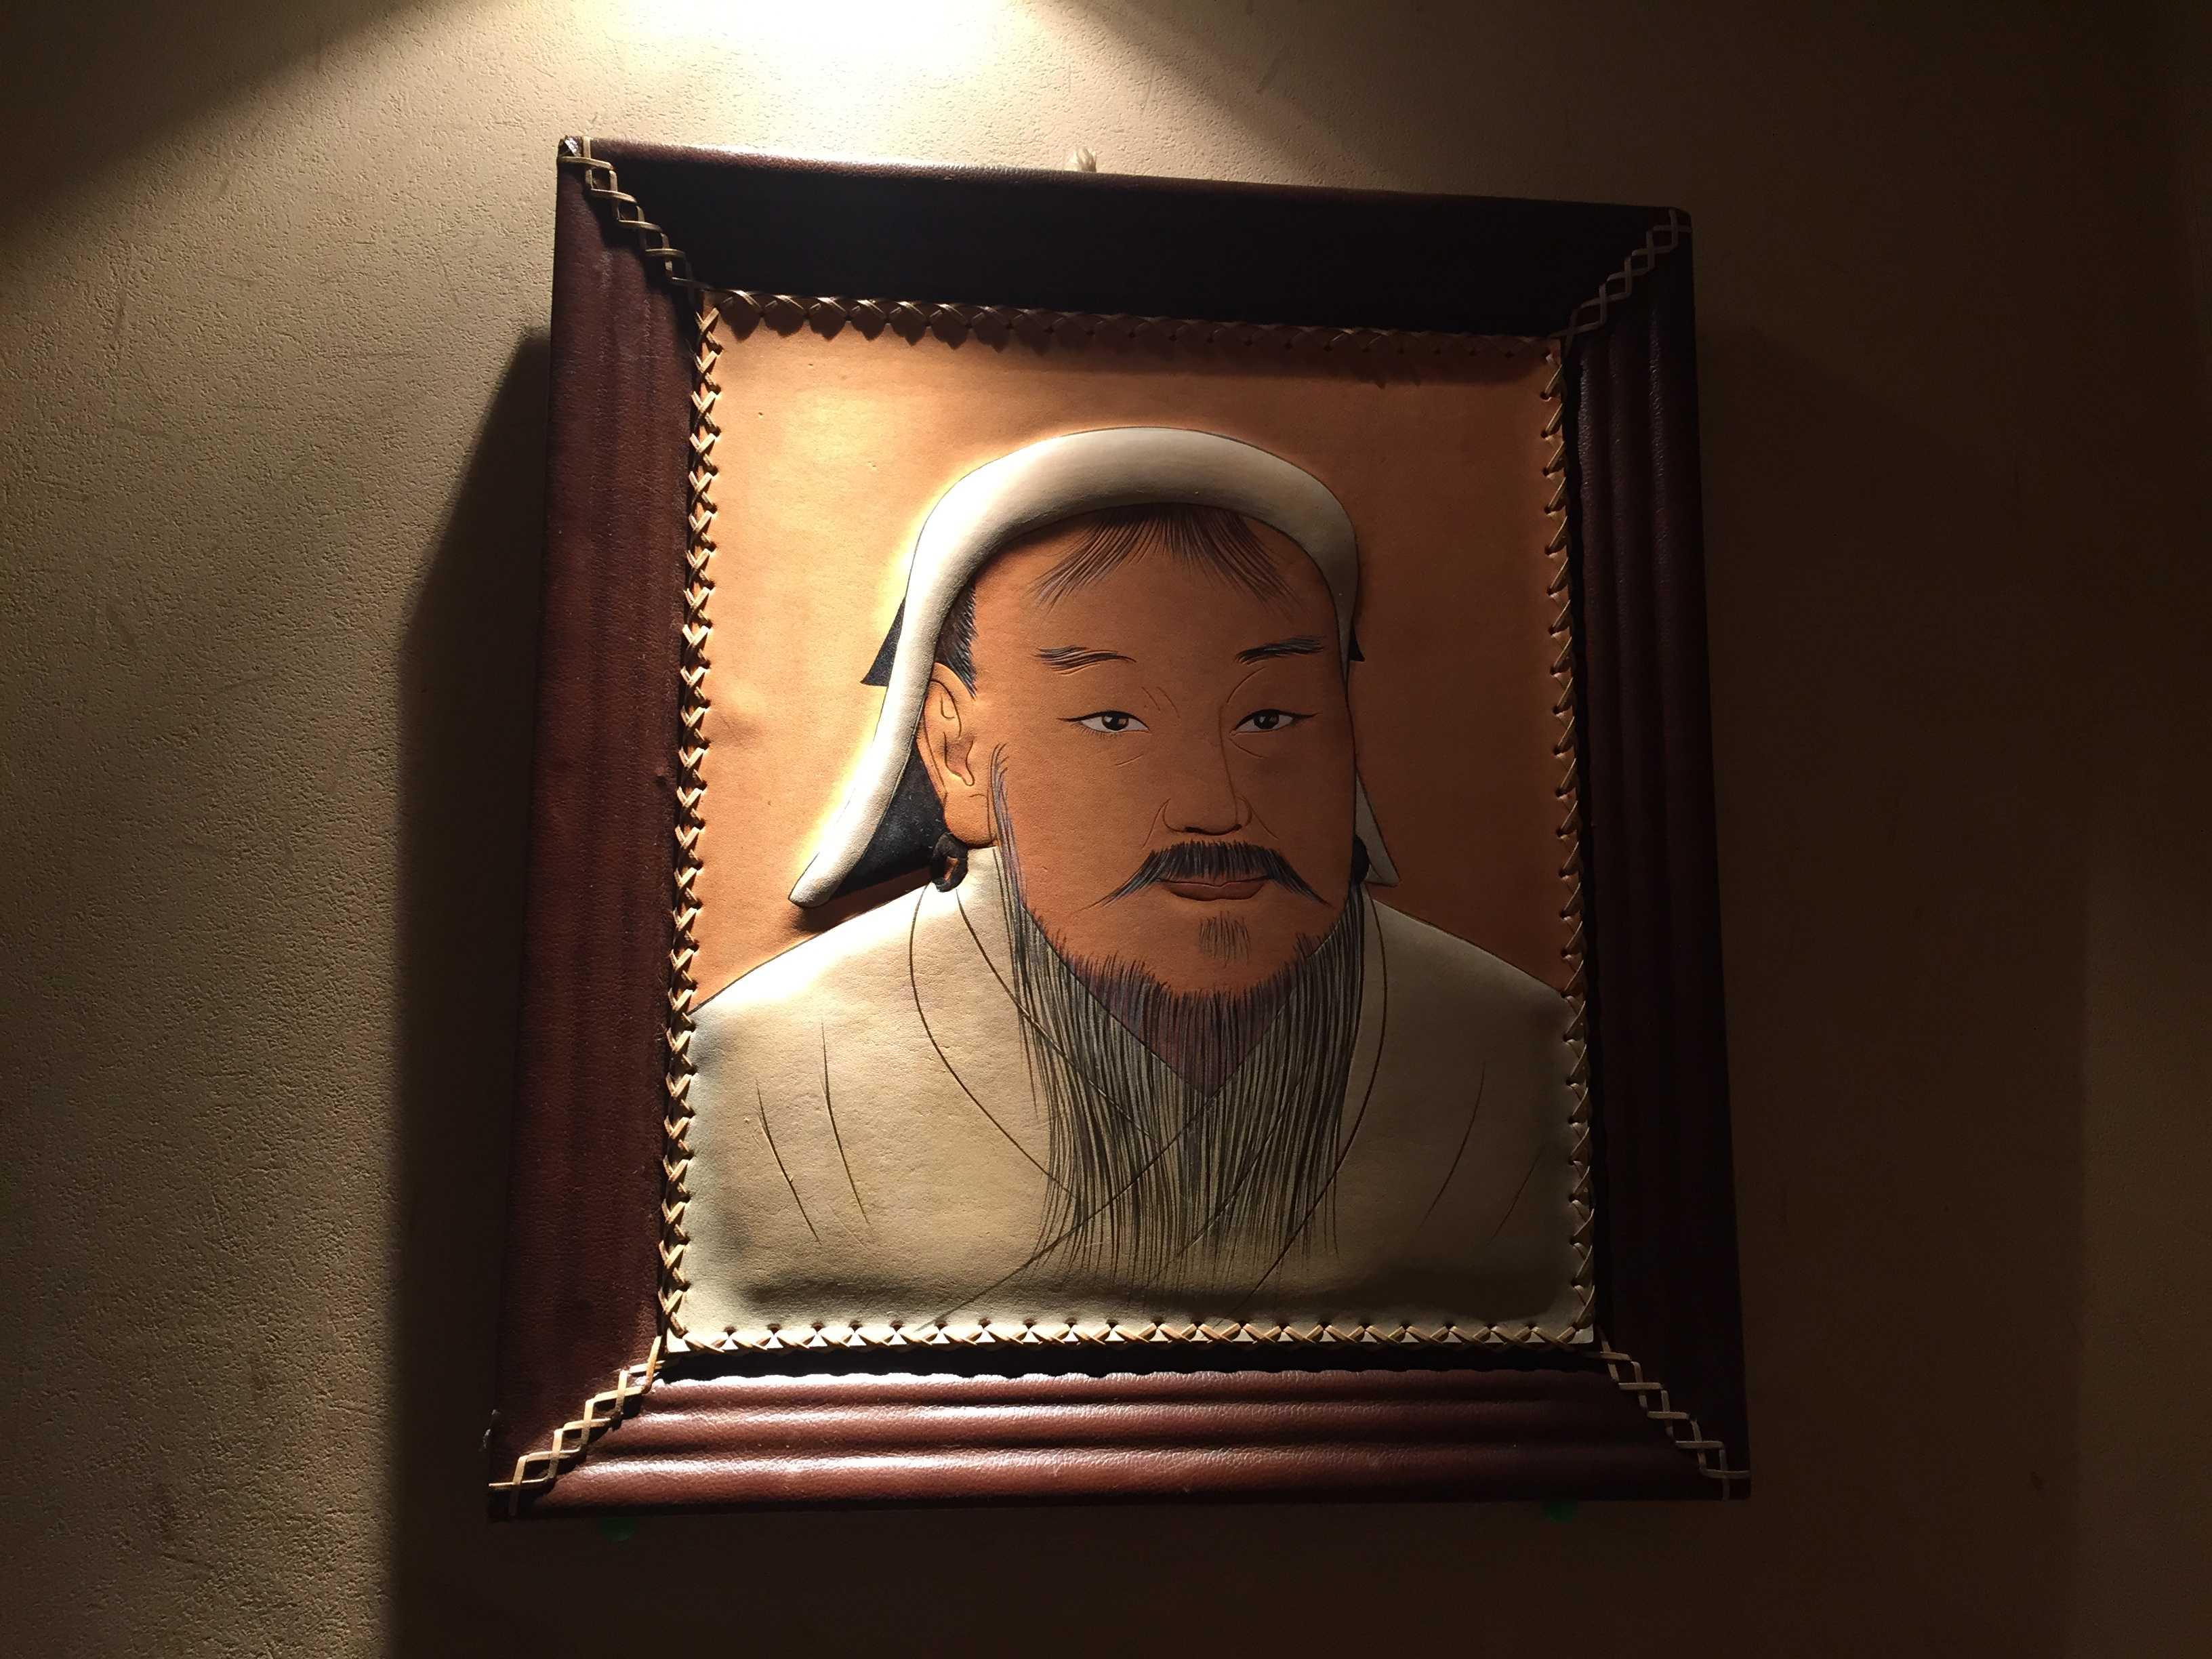 チンギス・ハン(成吉思汗)の肖像 - 小尾羊 新大久保店